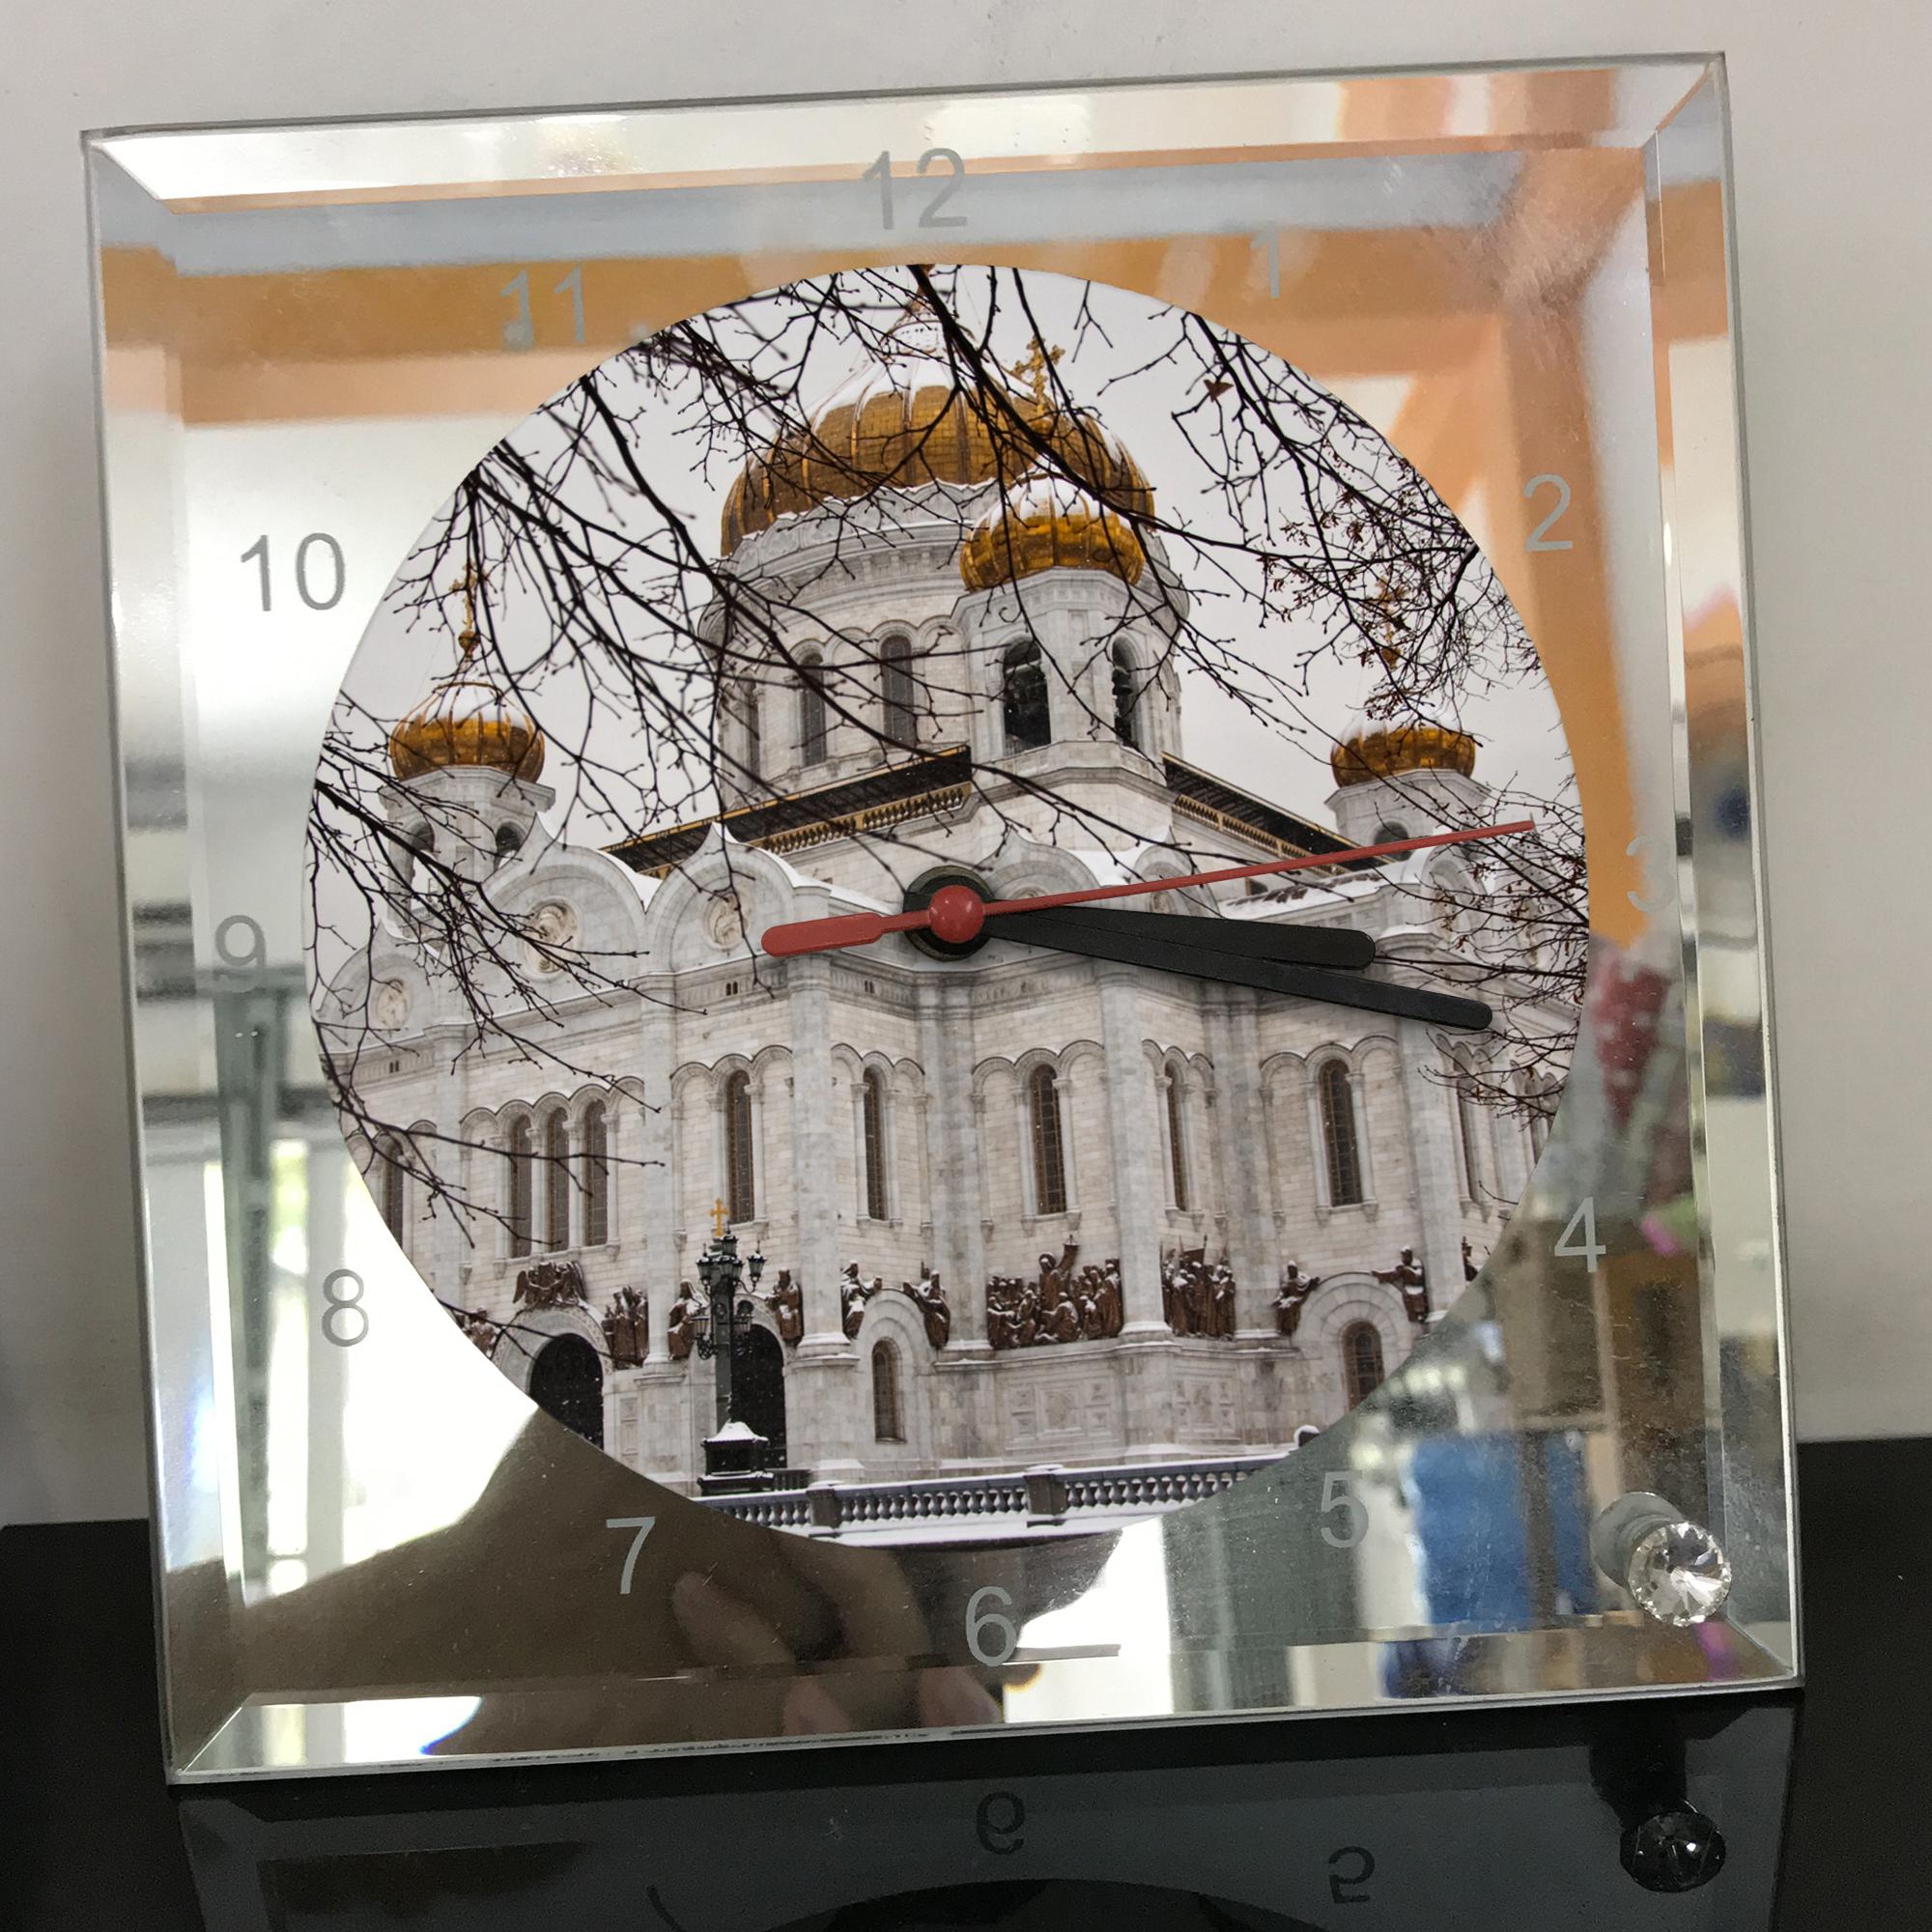 Đồng hồ thủy tinh vuông 20x20 in hình Cathedral Of Christ the saviour (5) . Đồng hồ thủy tinh để bàn trang trí đẹp chủ đề tôn giáo